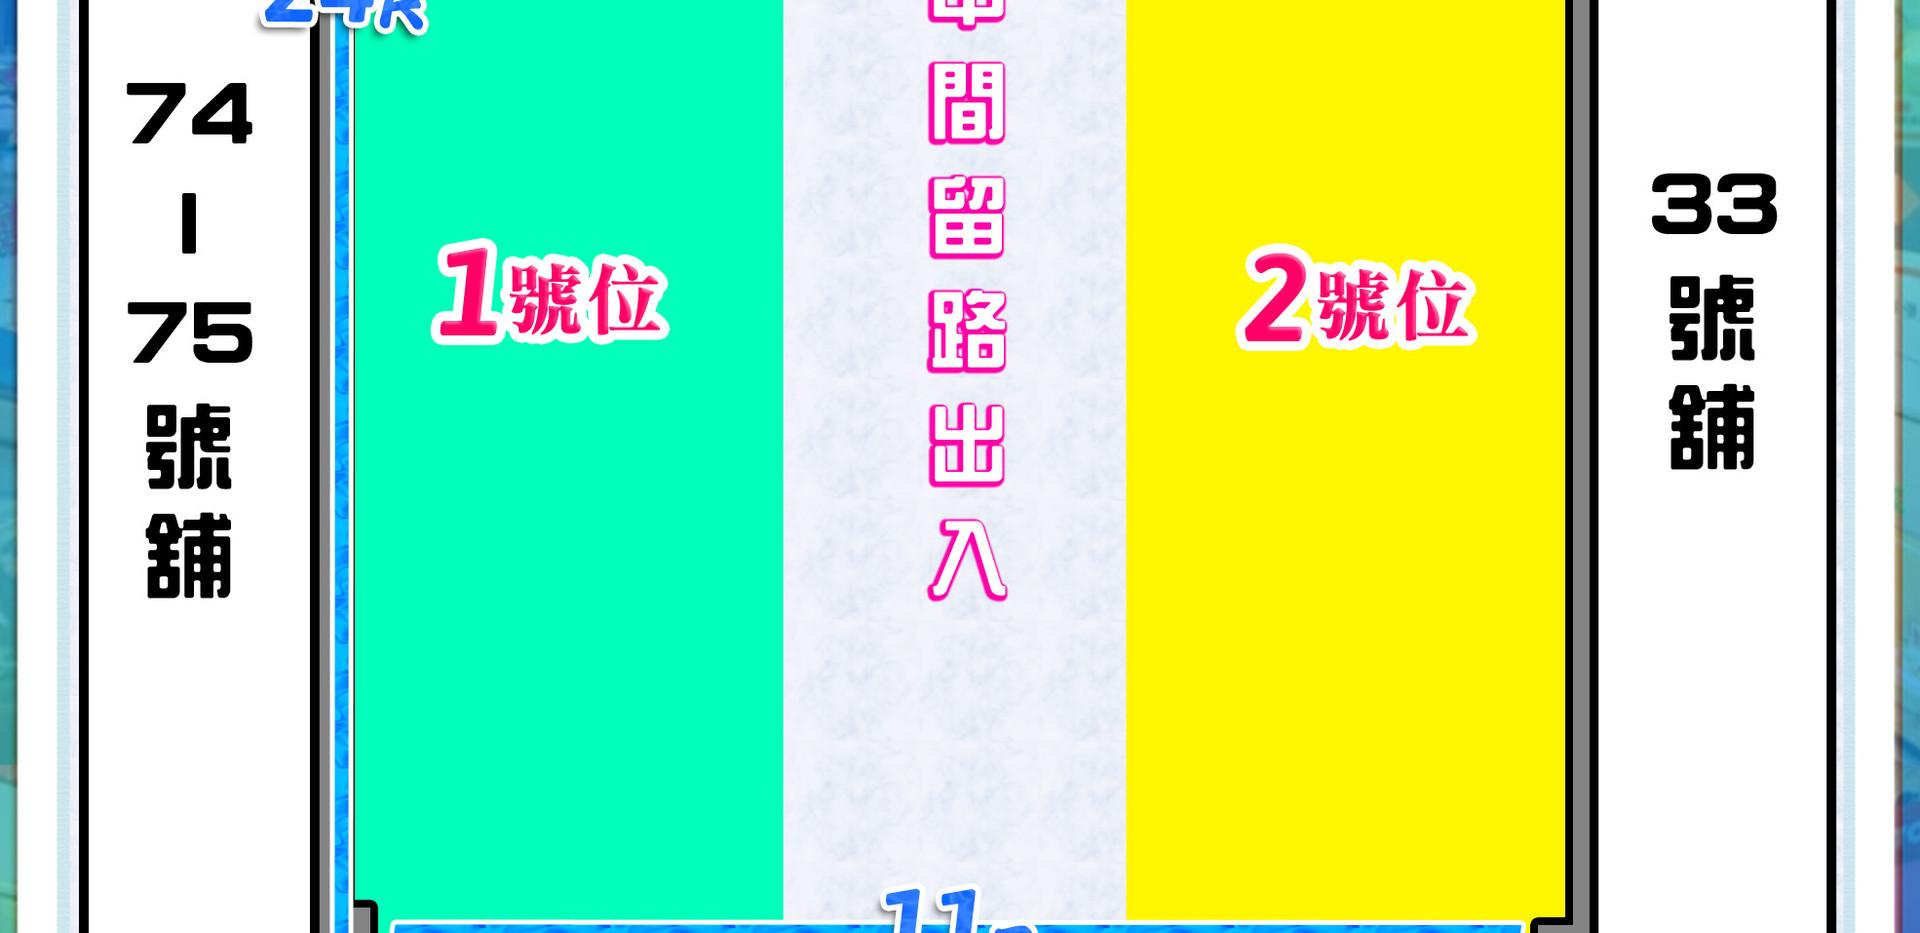 上水龍豐花園商場32號舖a9拷貝.jpg